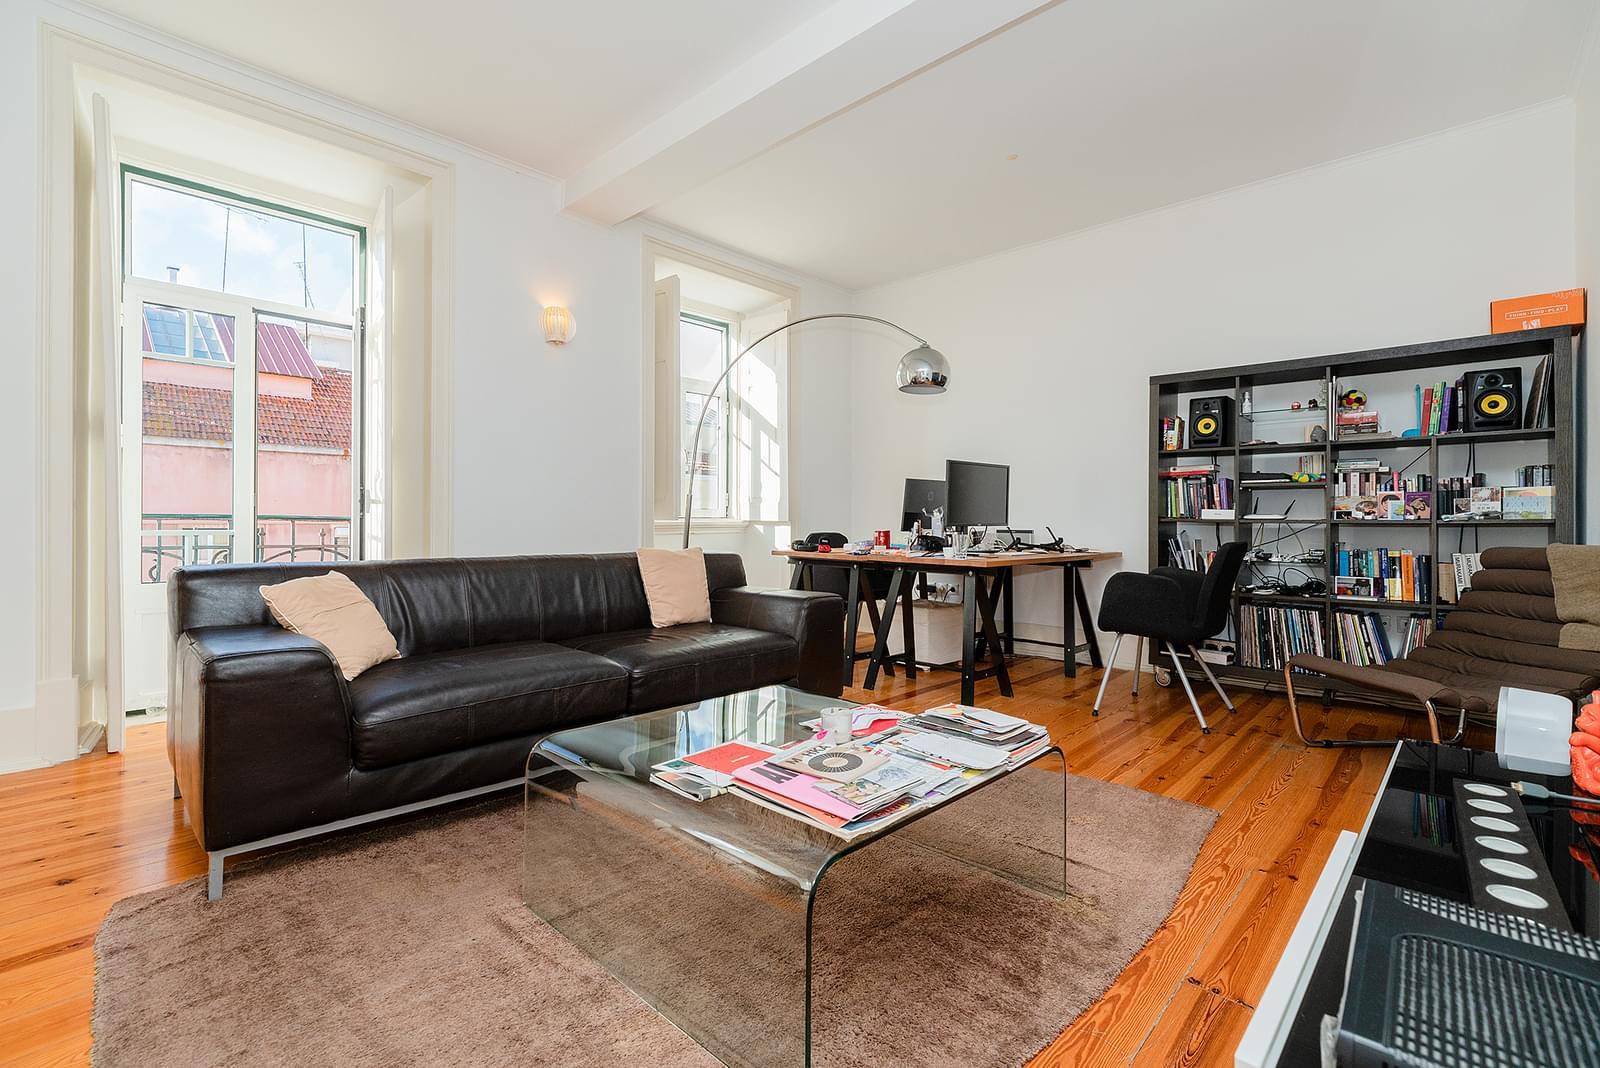 pf18211-apartamento-t2-1-lisboa-9aaa6d28-4f24-4089-b643-074bc9f1124b